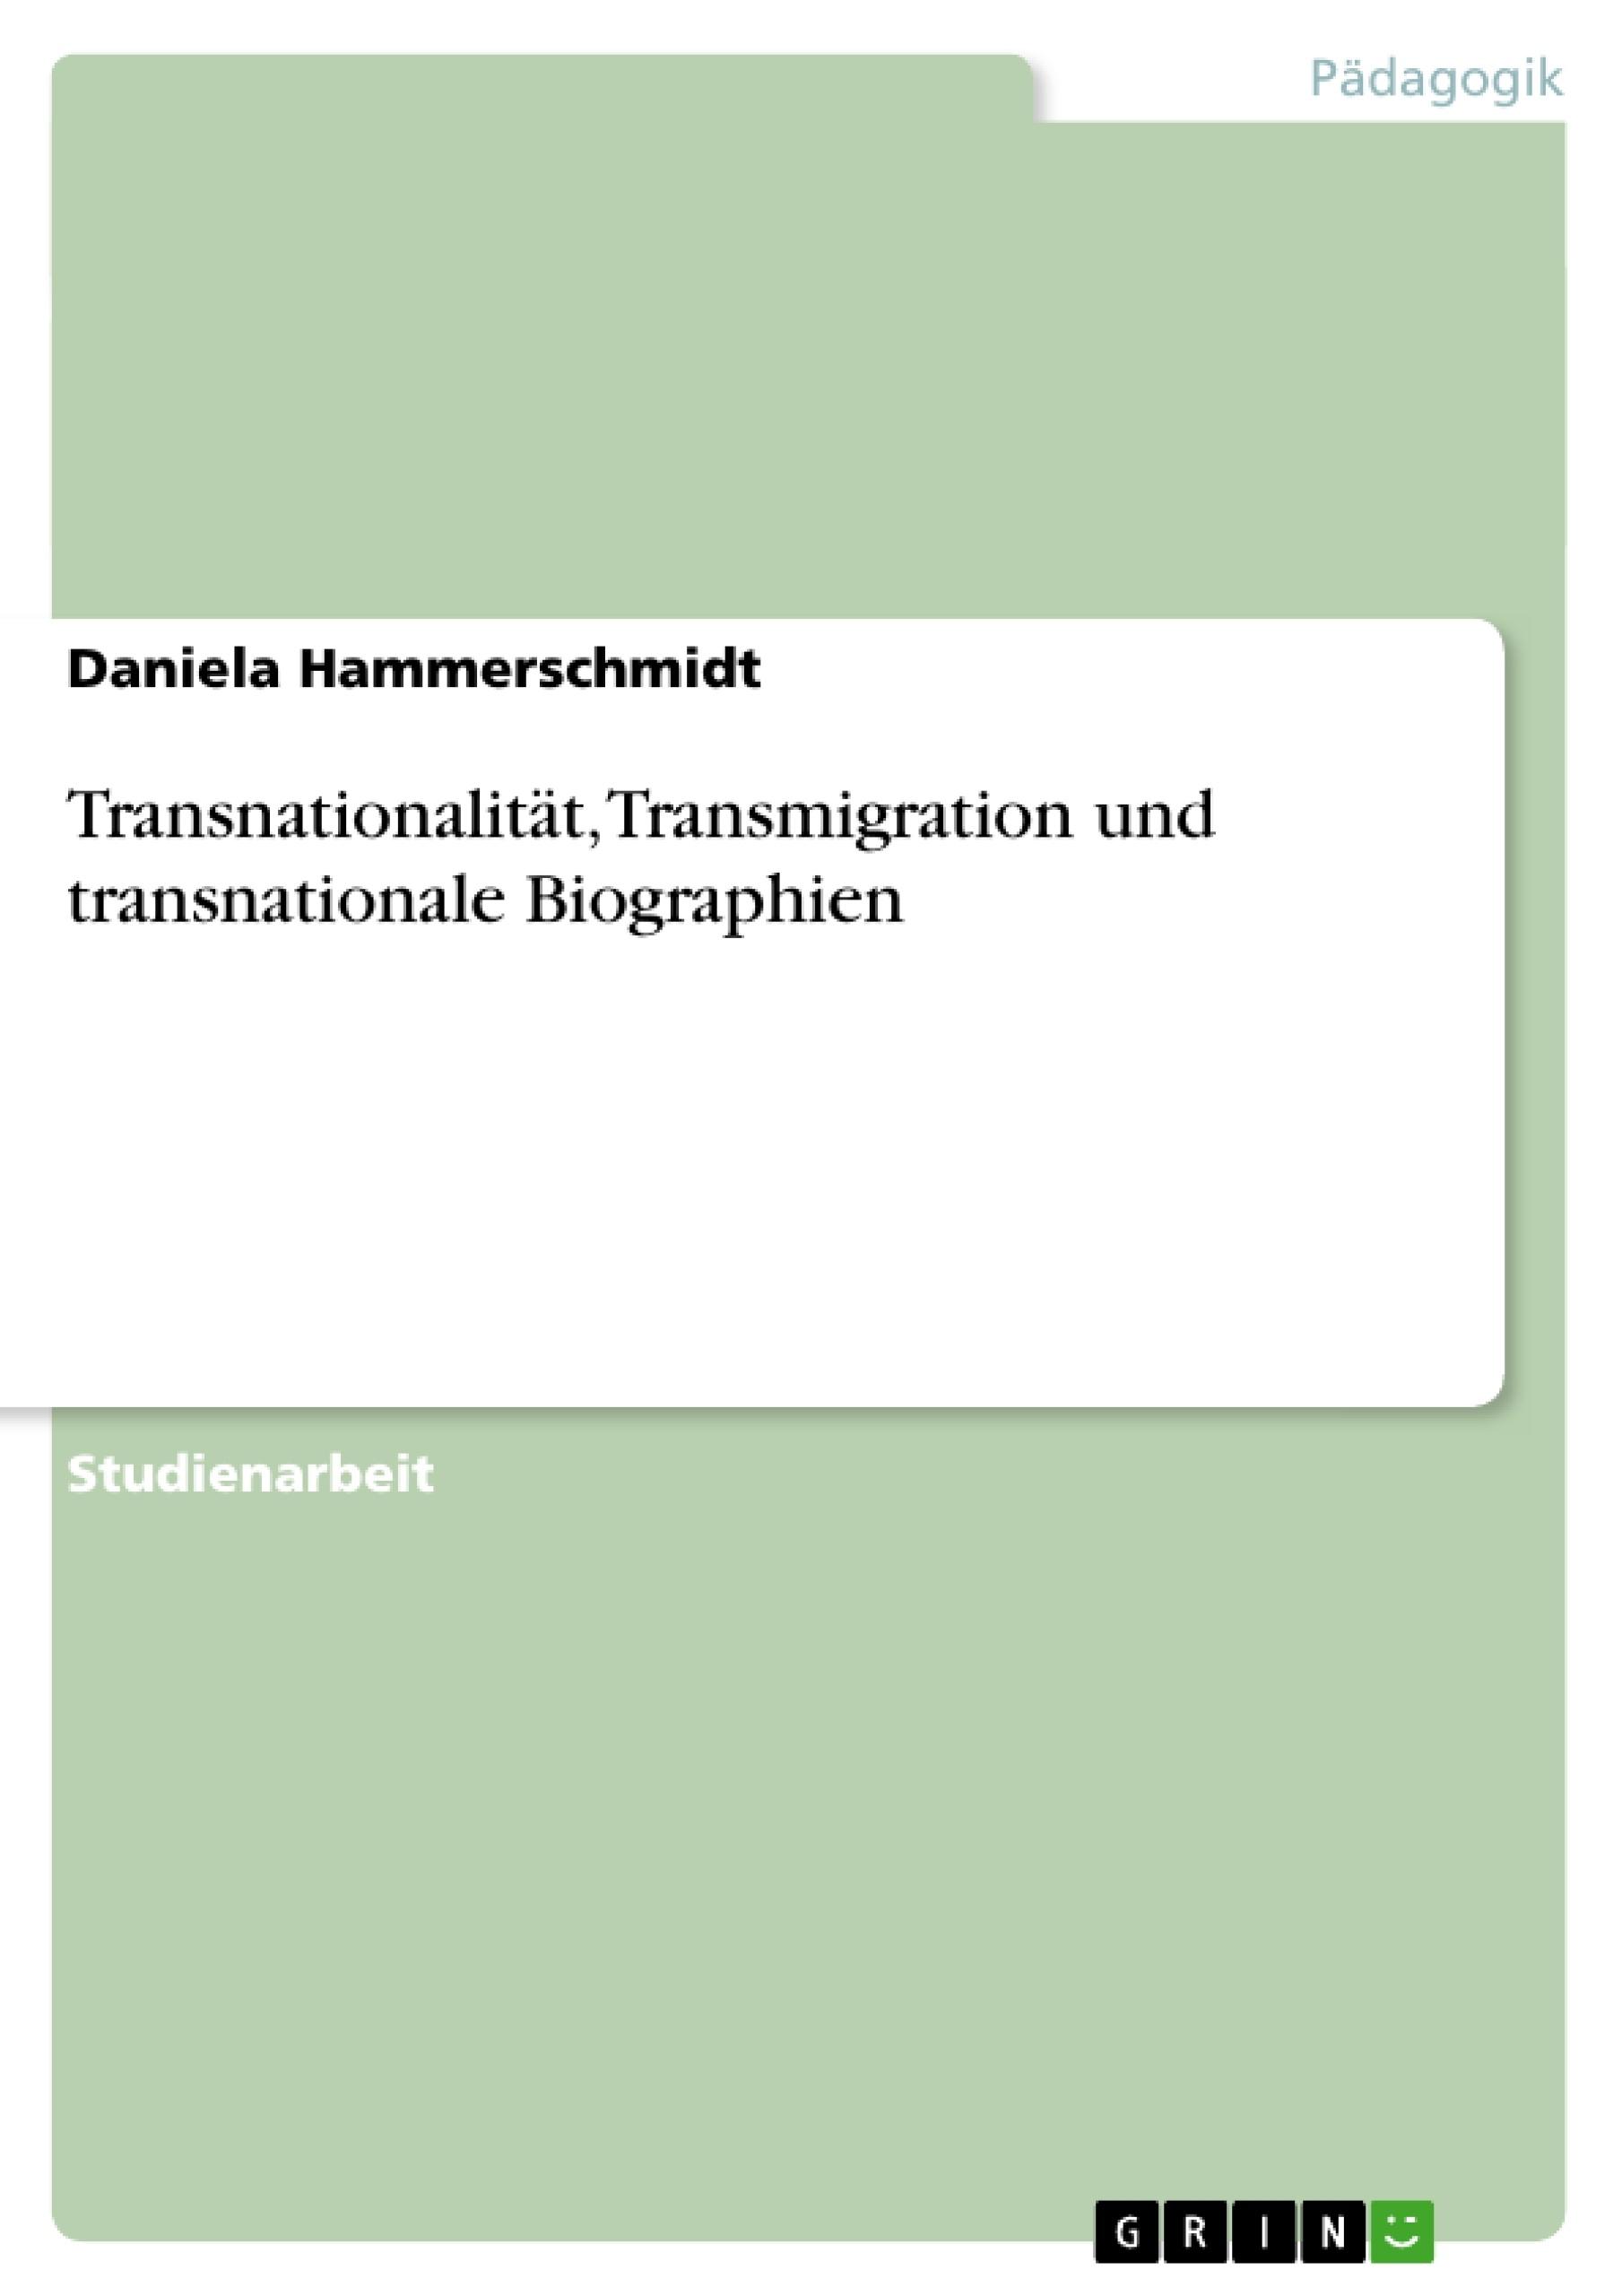 Titel: Transnationalität, Transmigration und transnationale Biographien